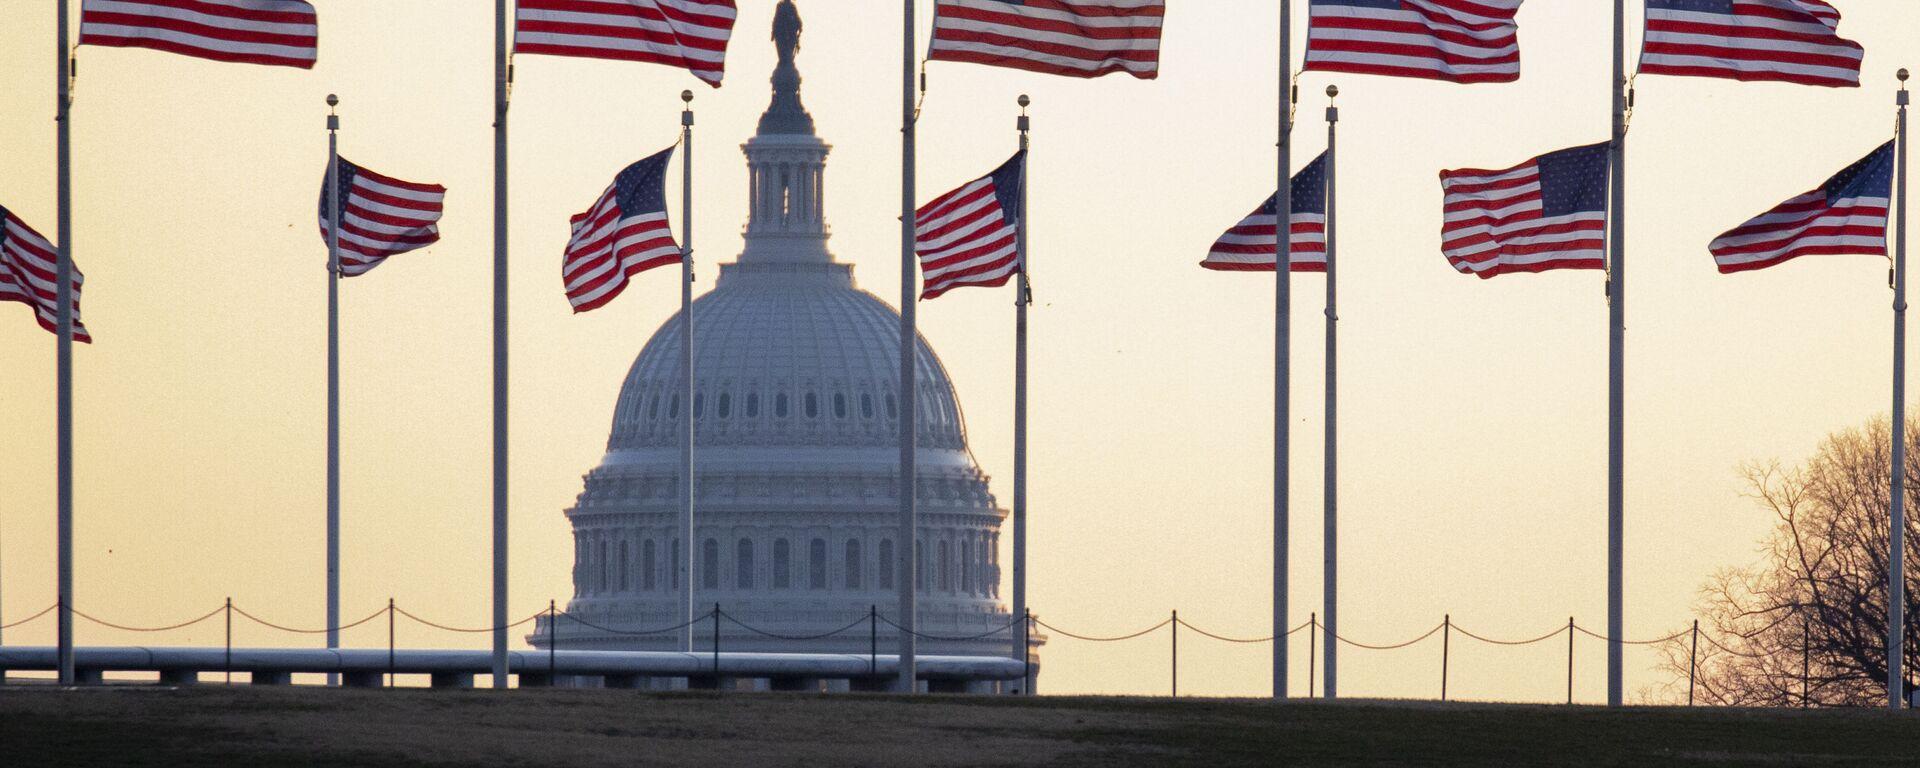 Americké vlajky ve Washingtonu - Sputnik Česká republika, 1920, 14.06.2021